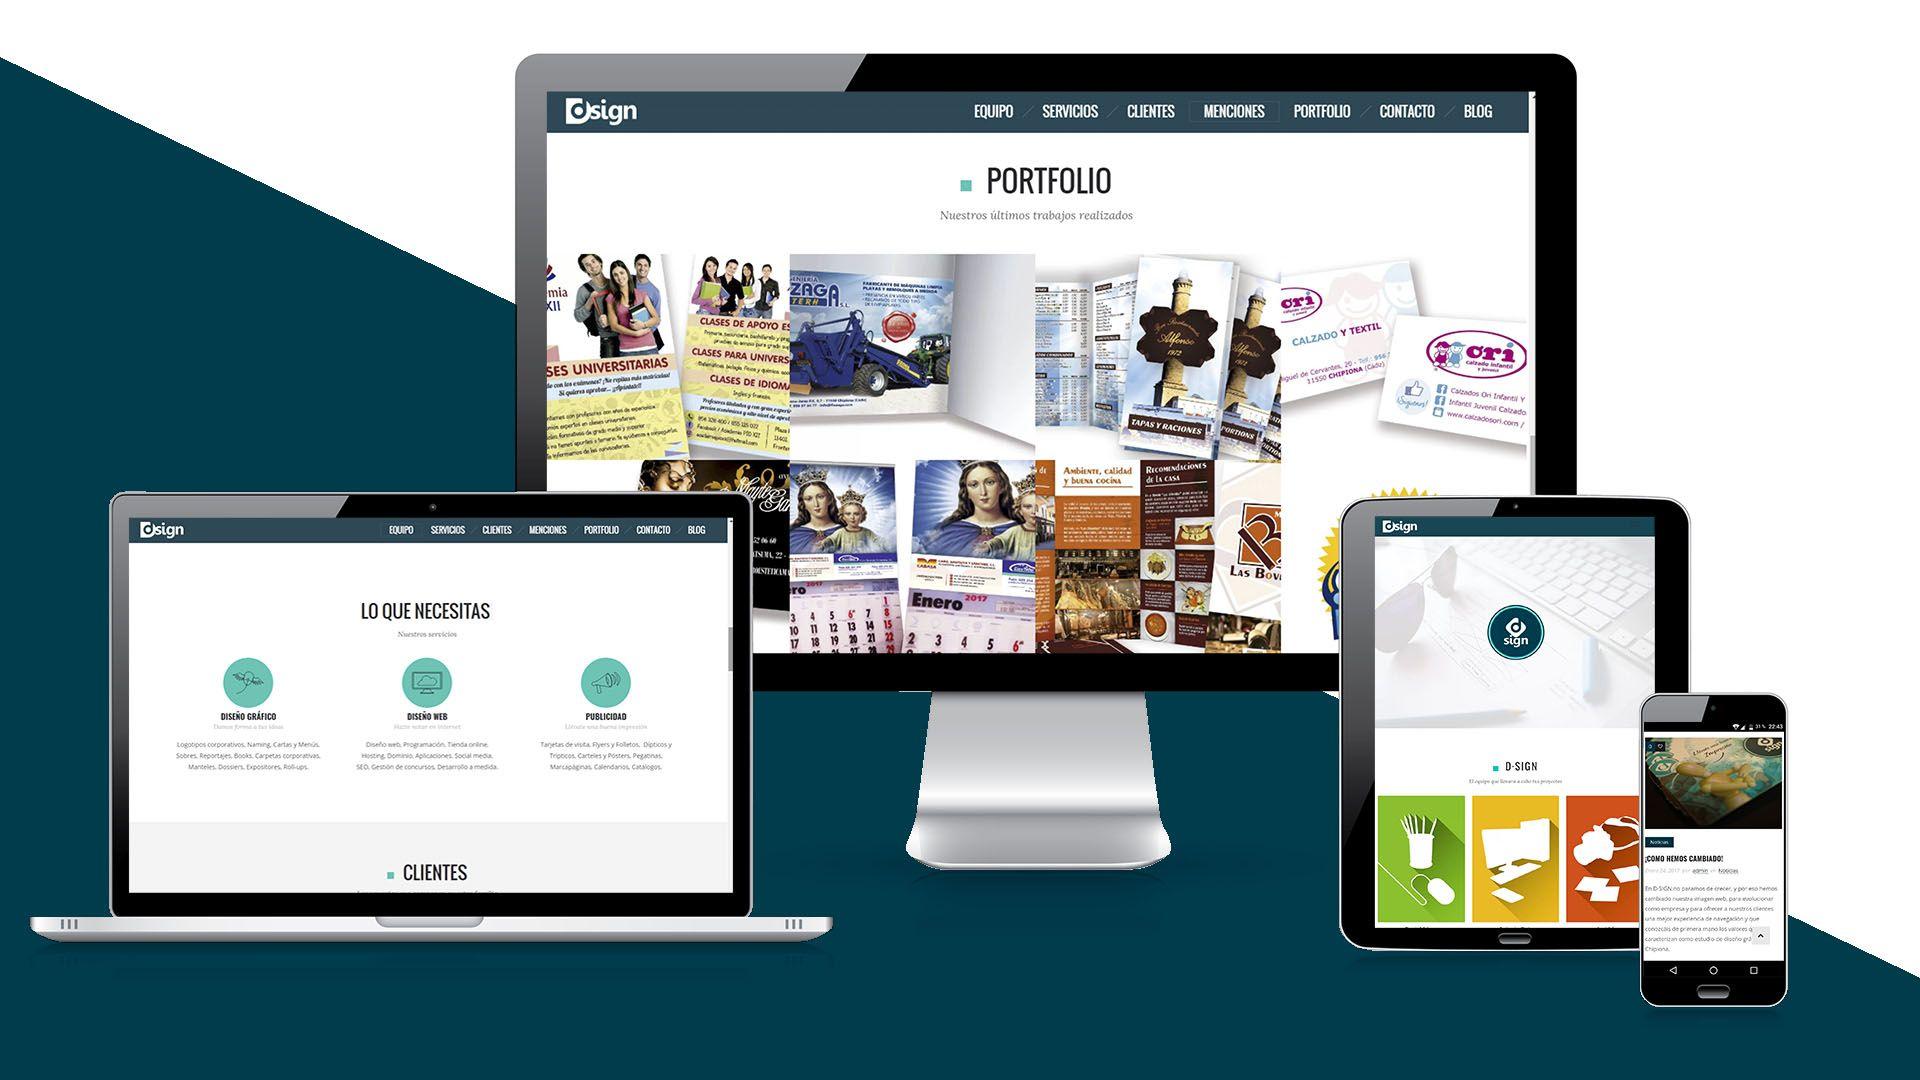 D·SIGN   Diseño y Publicidad - Diseño web responsive, portfolio y blog